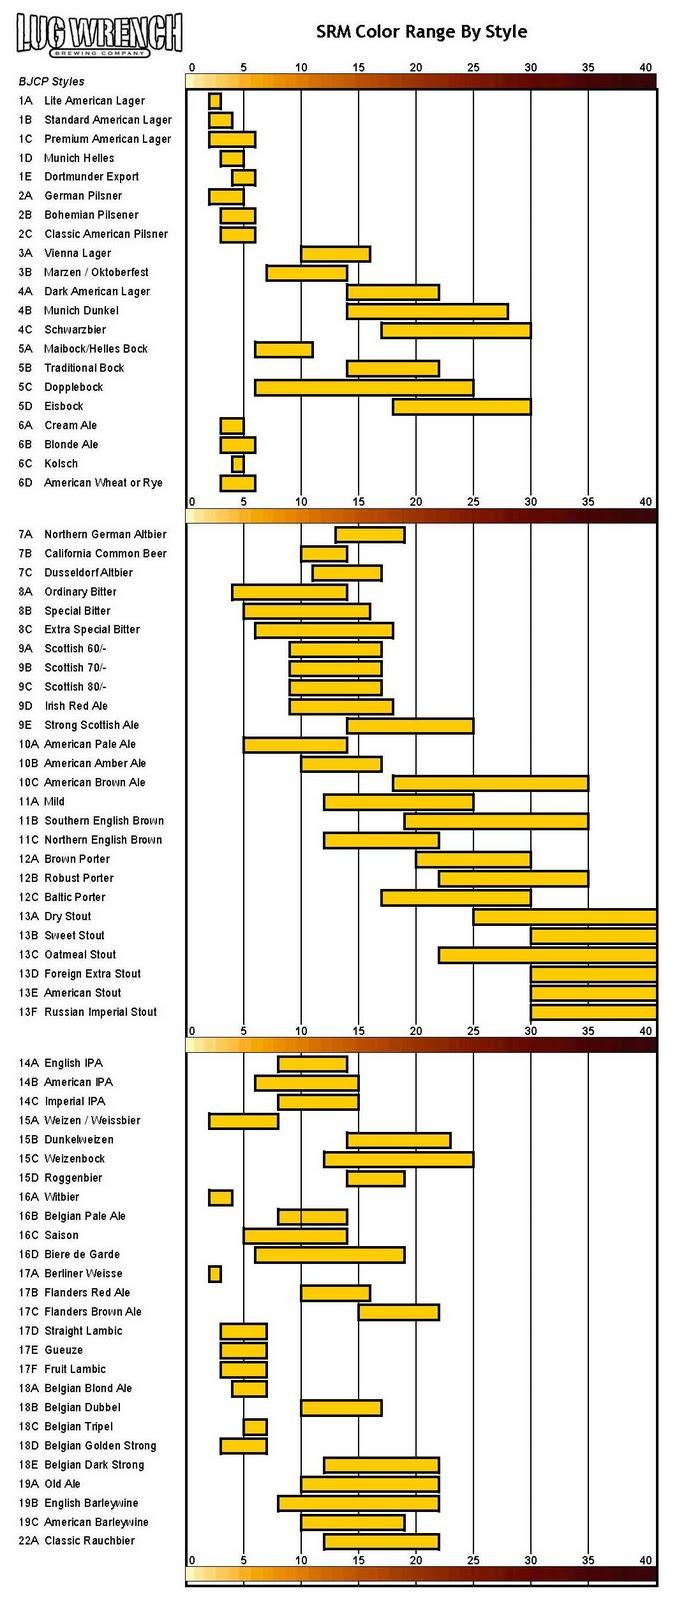 SRM Color Chart